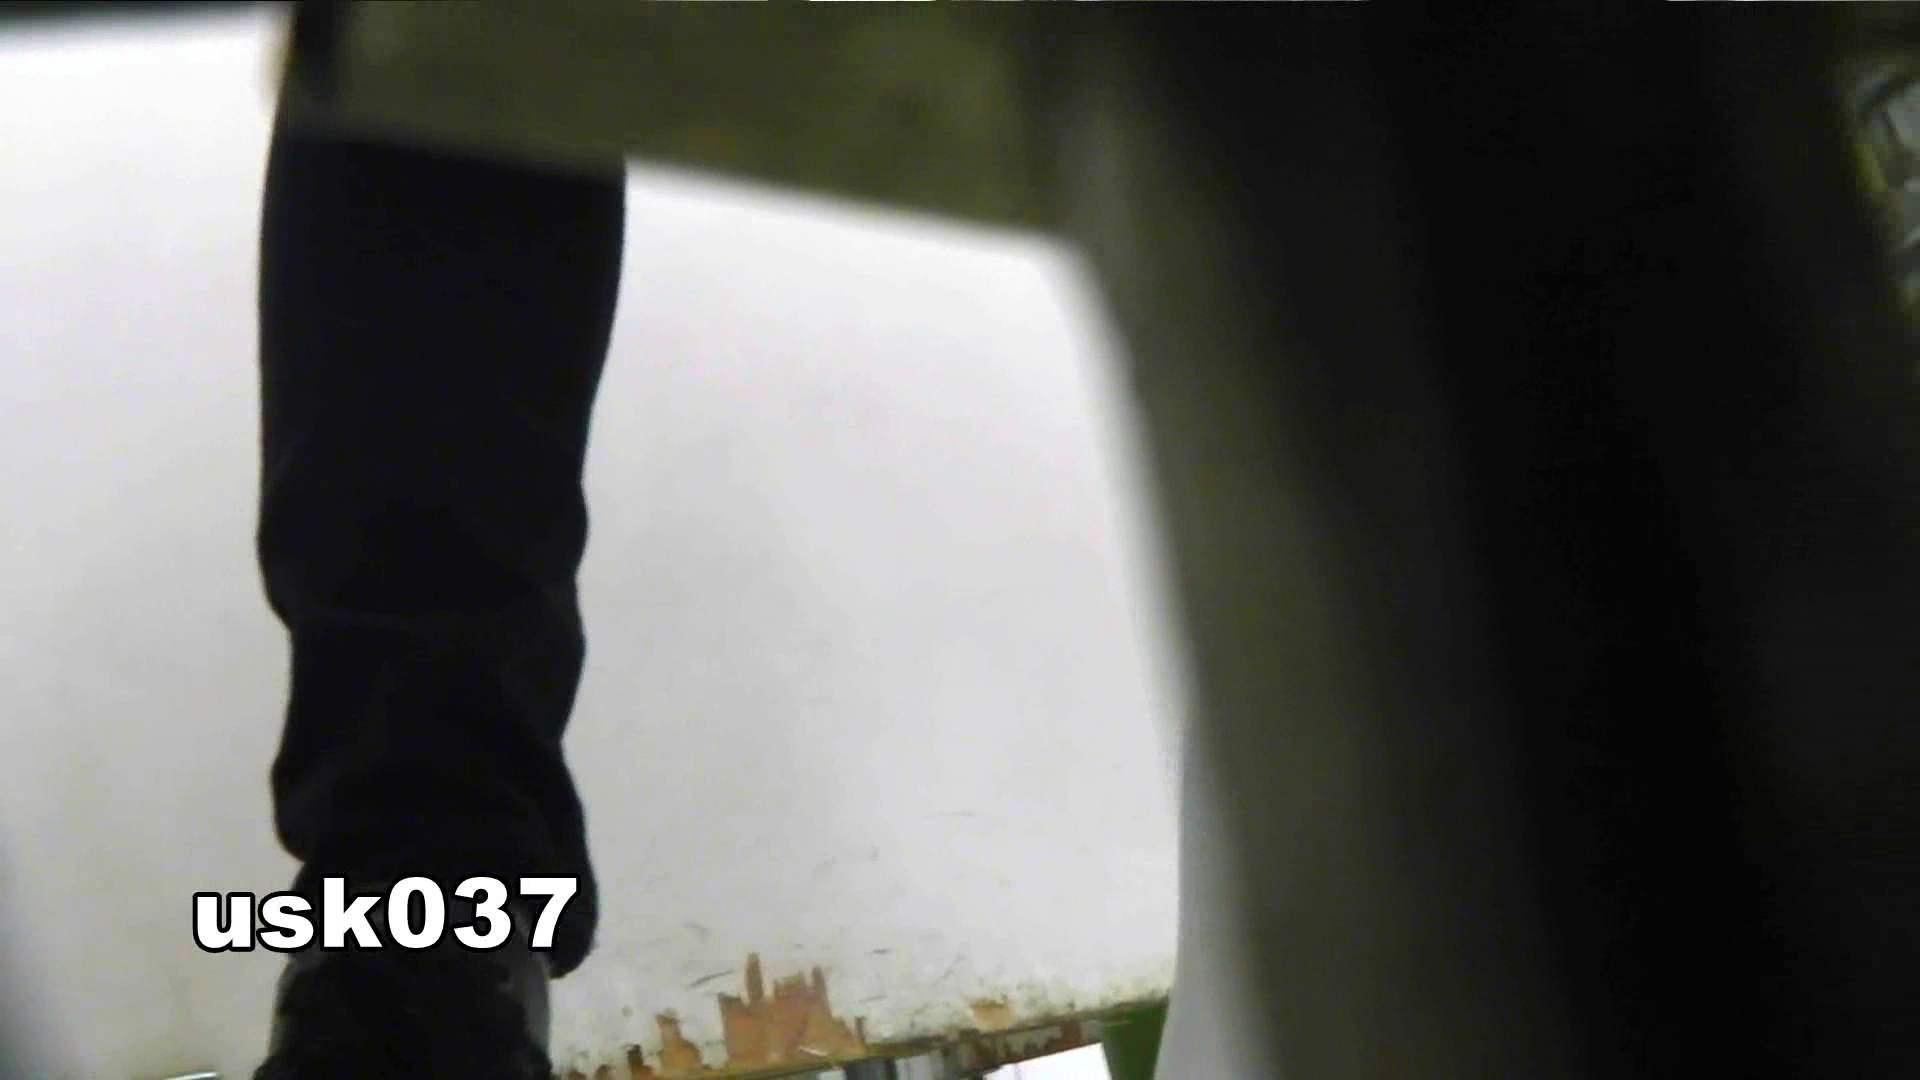 【美しき個室な世界】 vol.037 ひねり出す様子(フトイです) 洗面所   OL女体  97連発 47